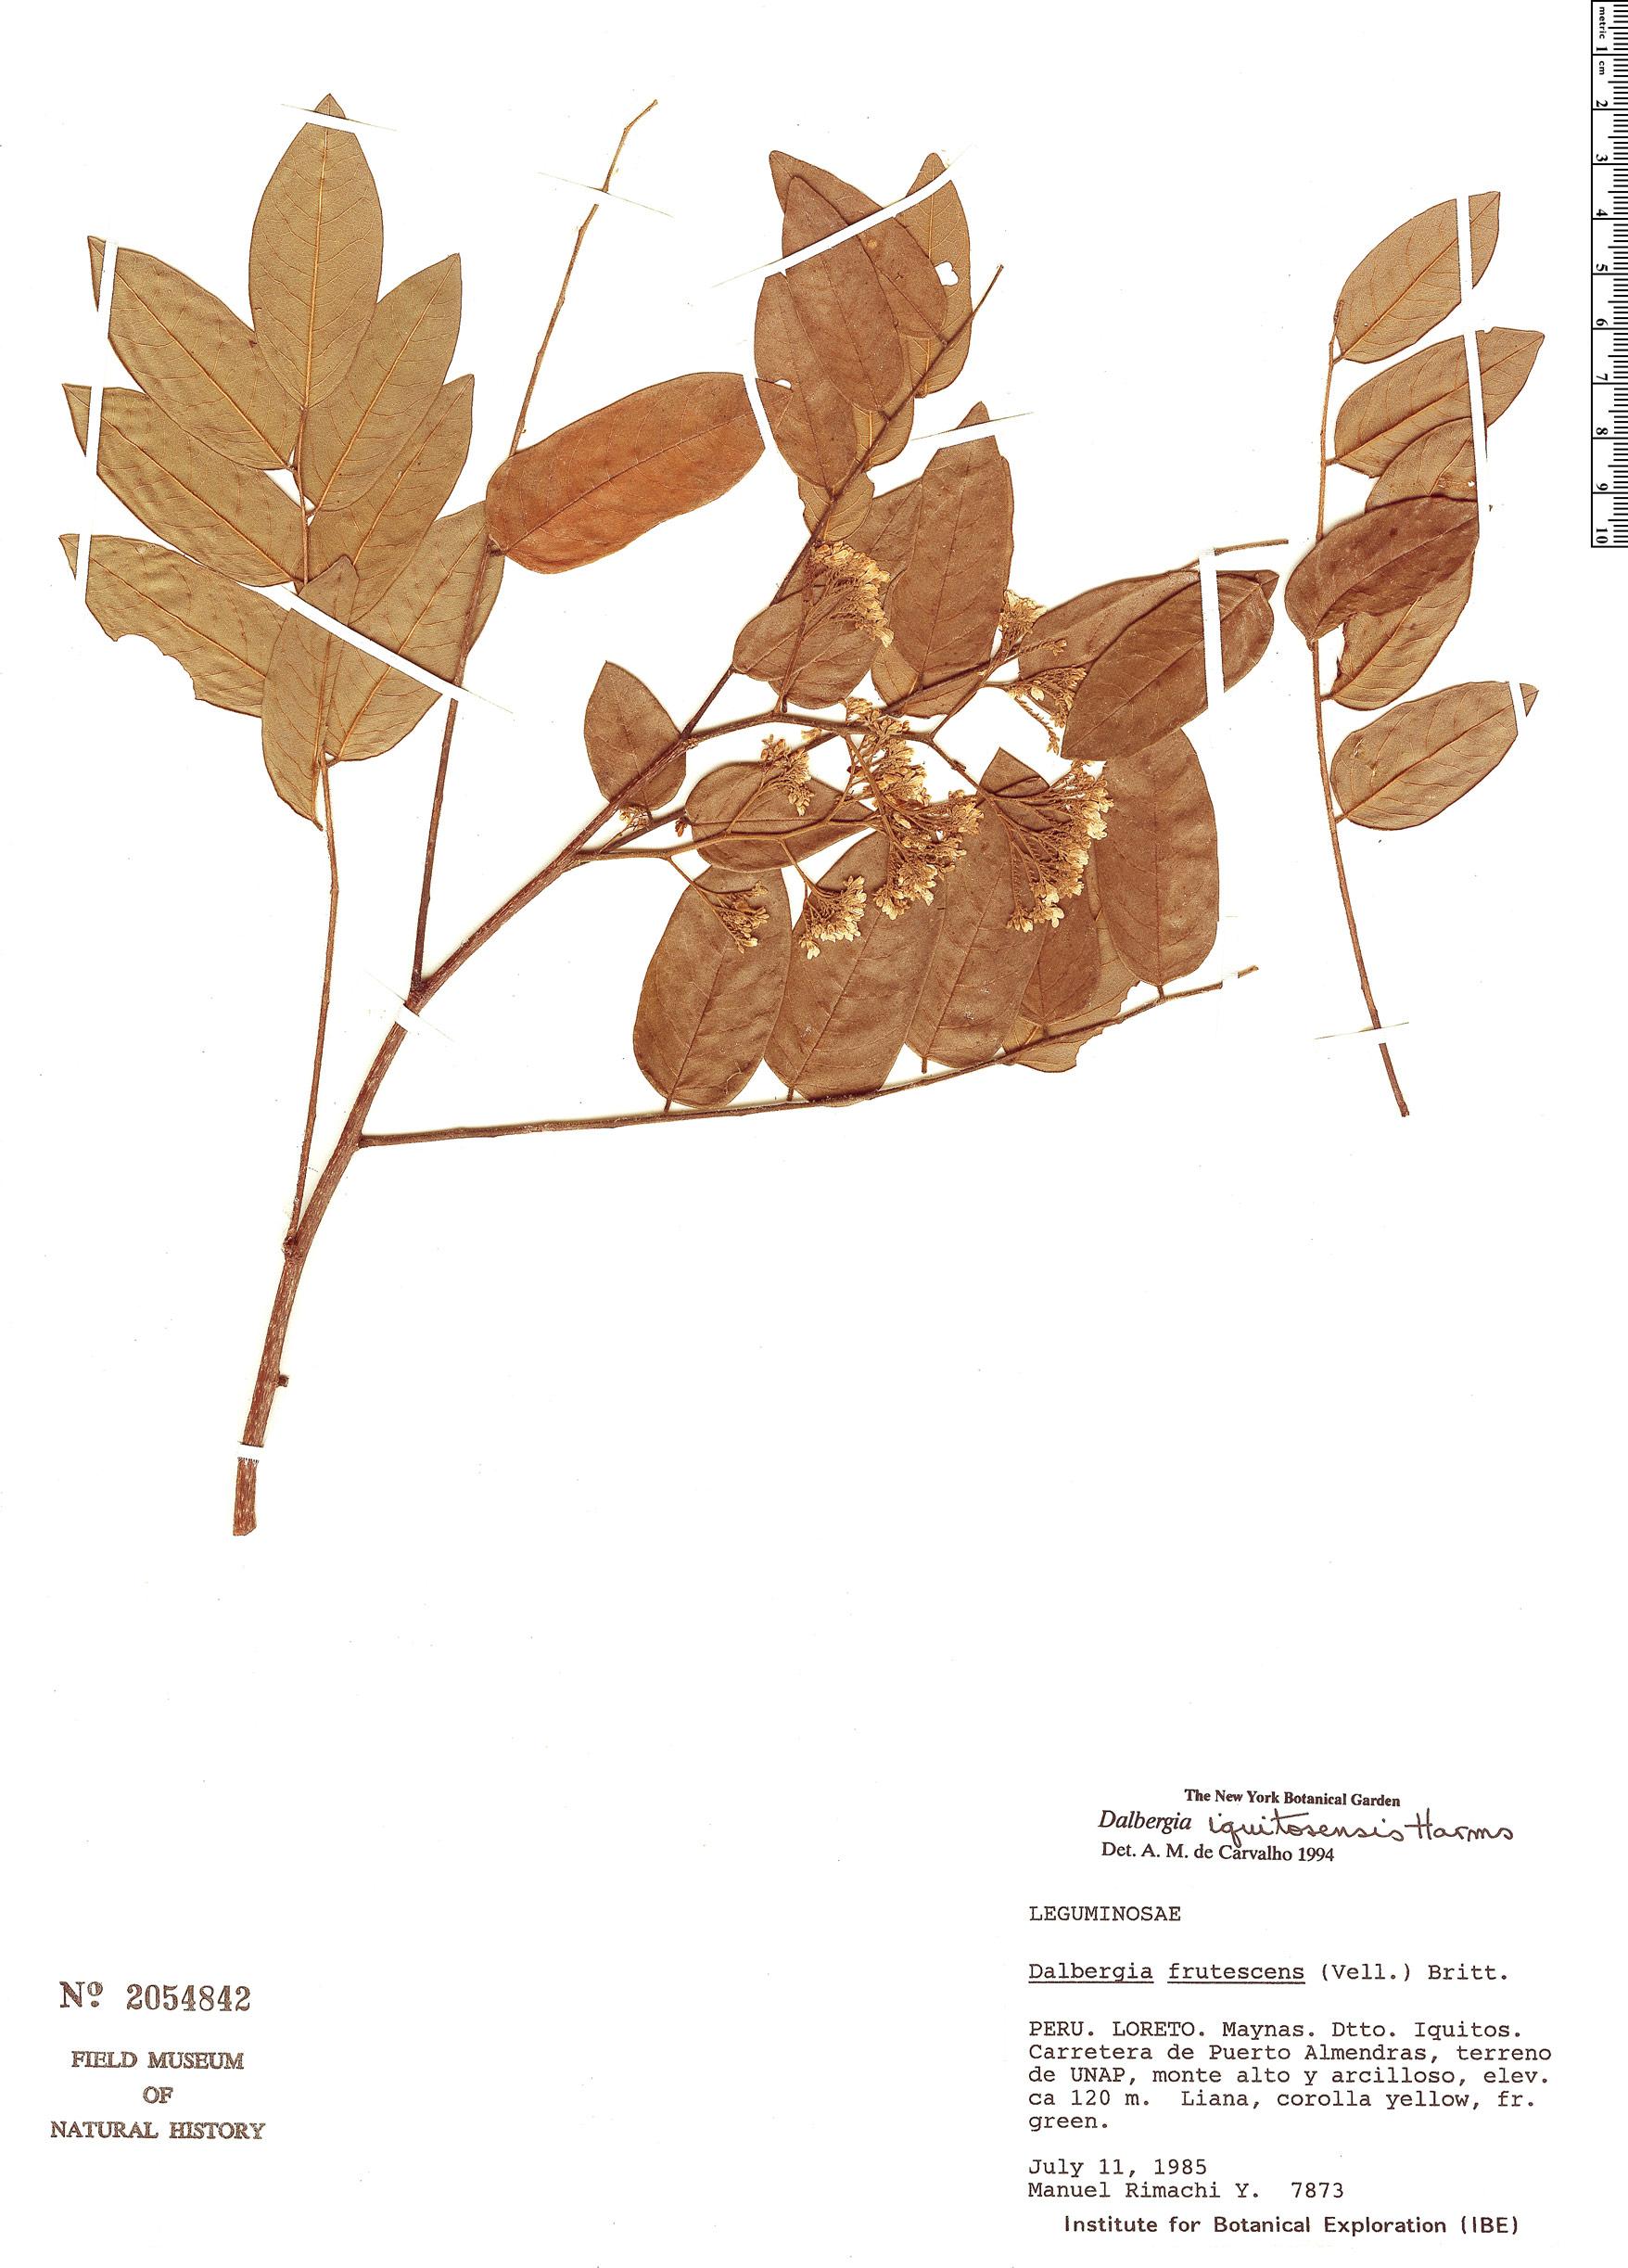 Specimen: Dalbergia iquitosensis